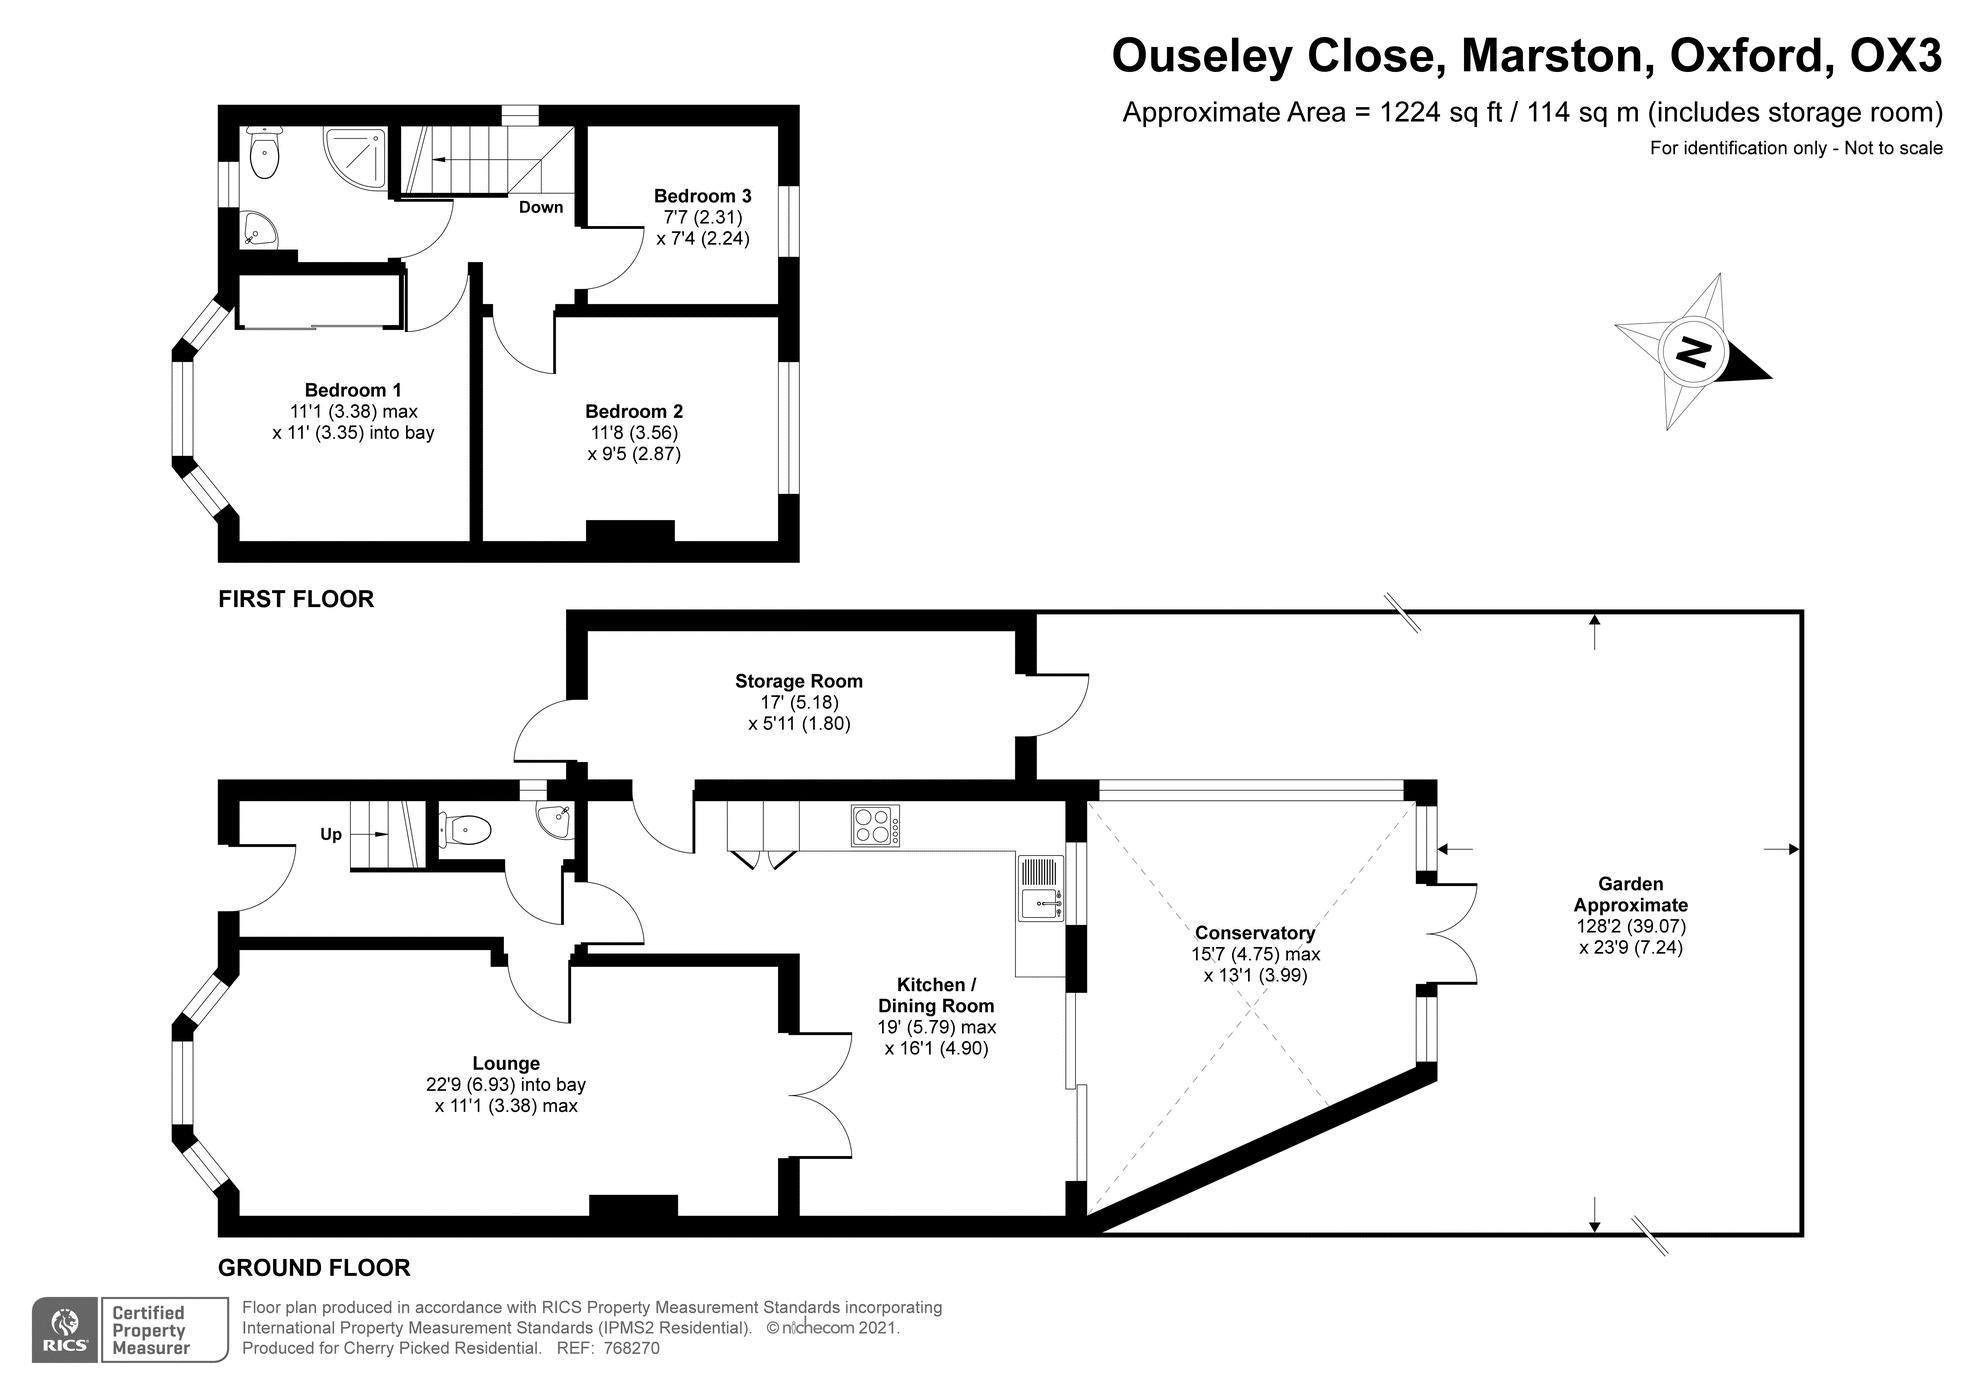 Ouseley Close